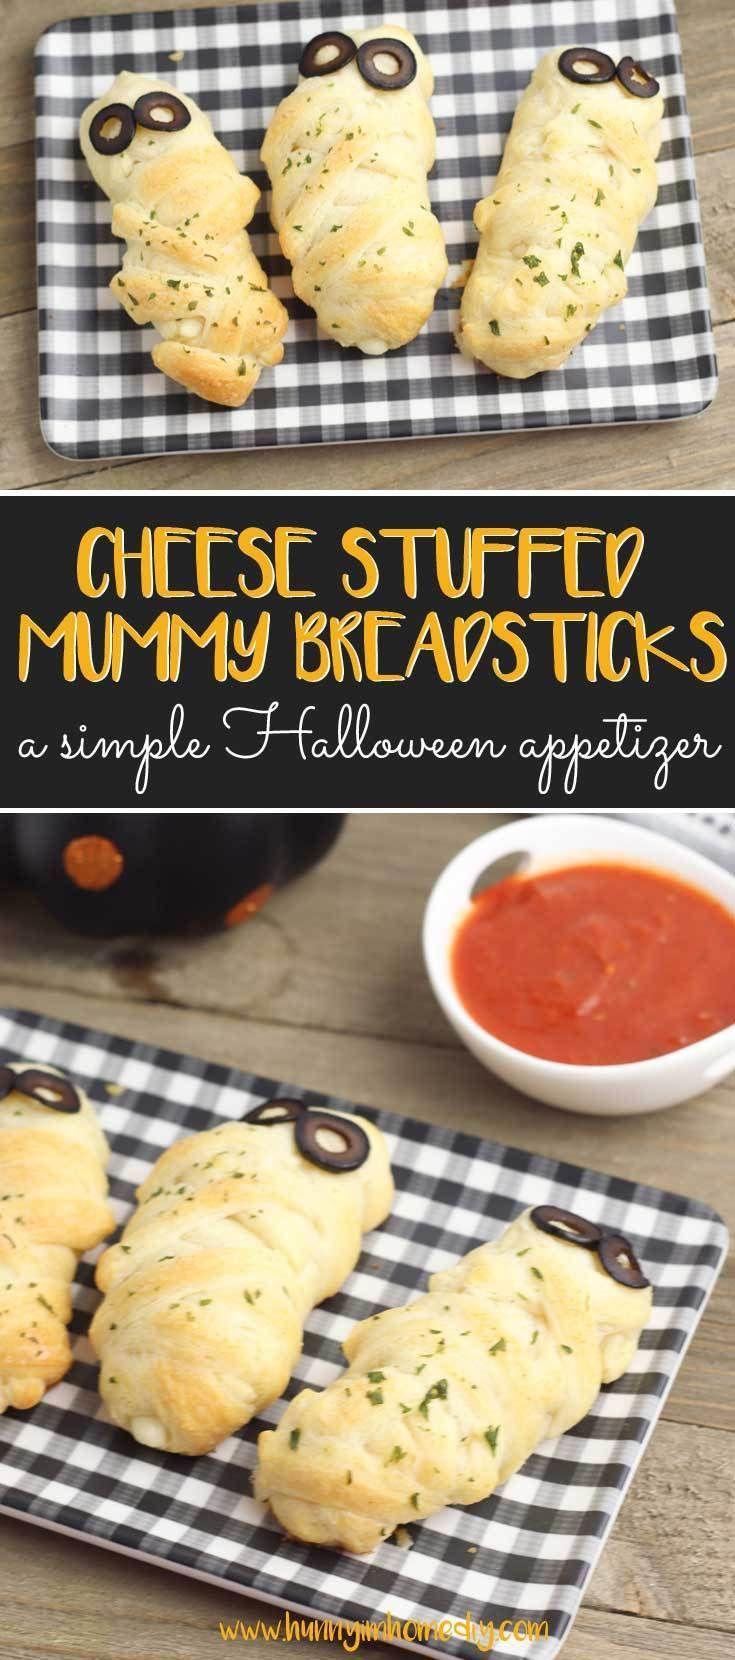 Stuffed Mummy Breadsticks Recipe Halloween appetizers